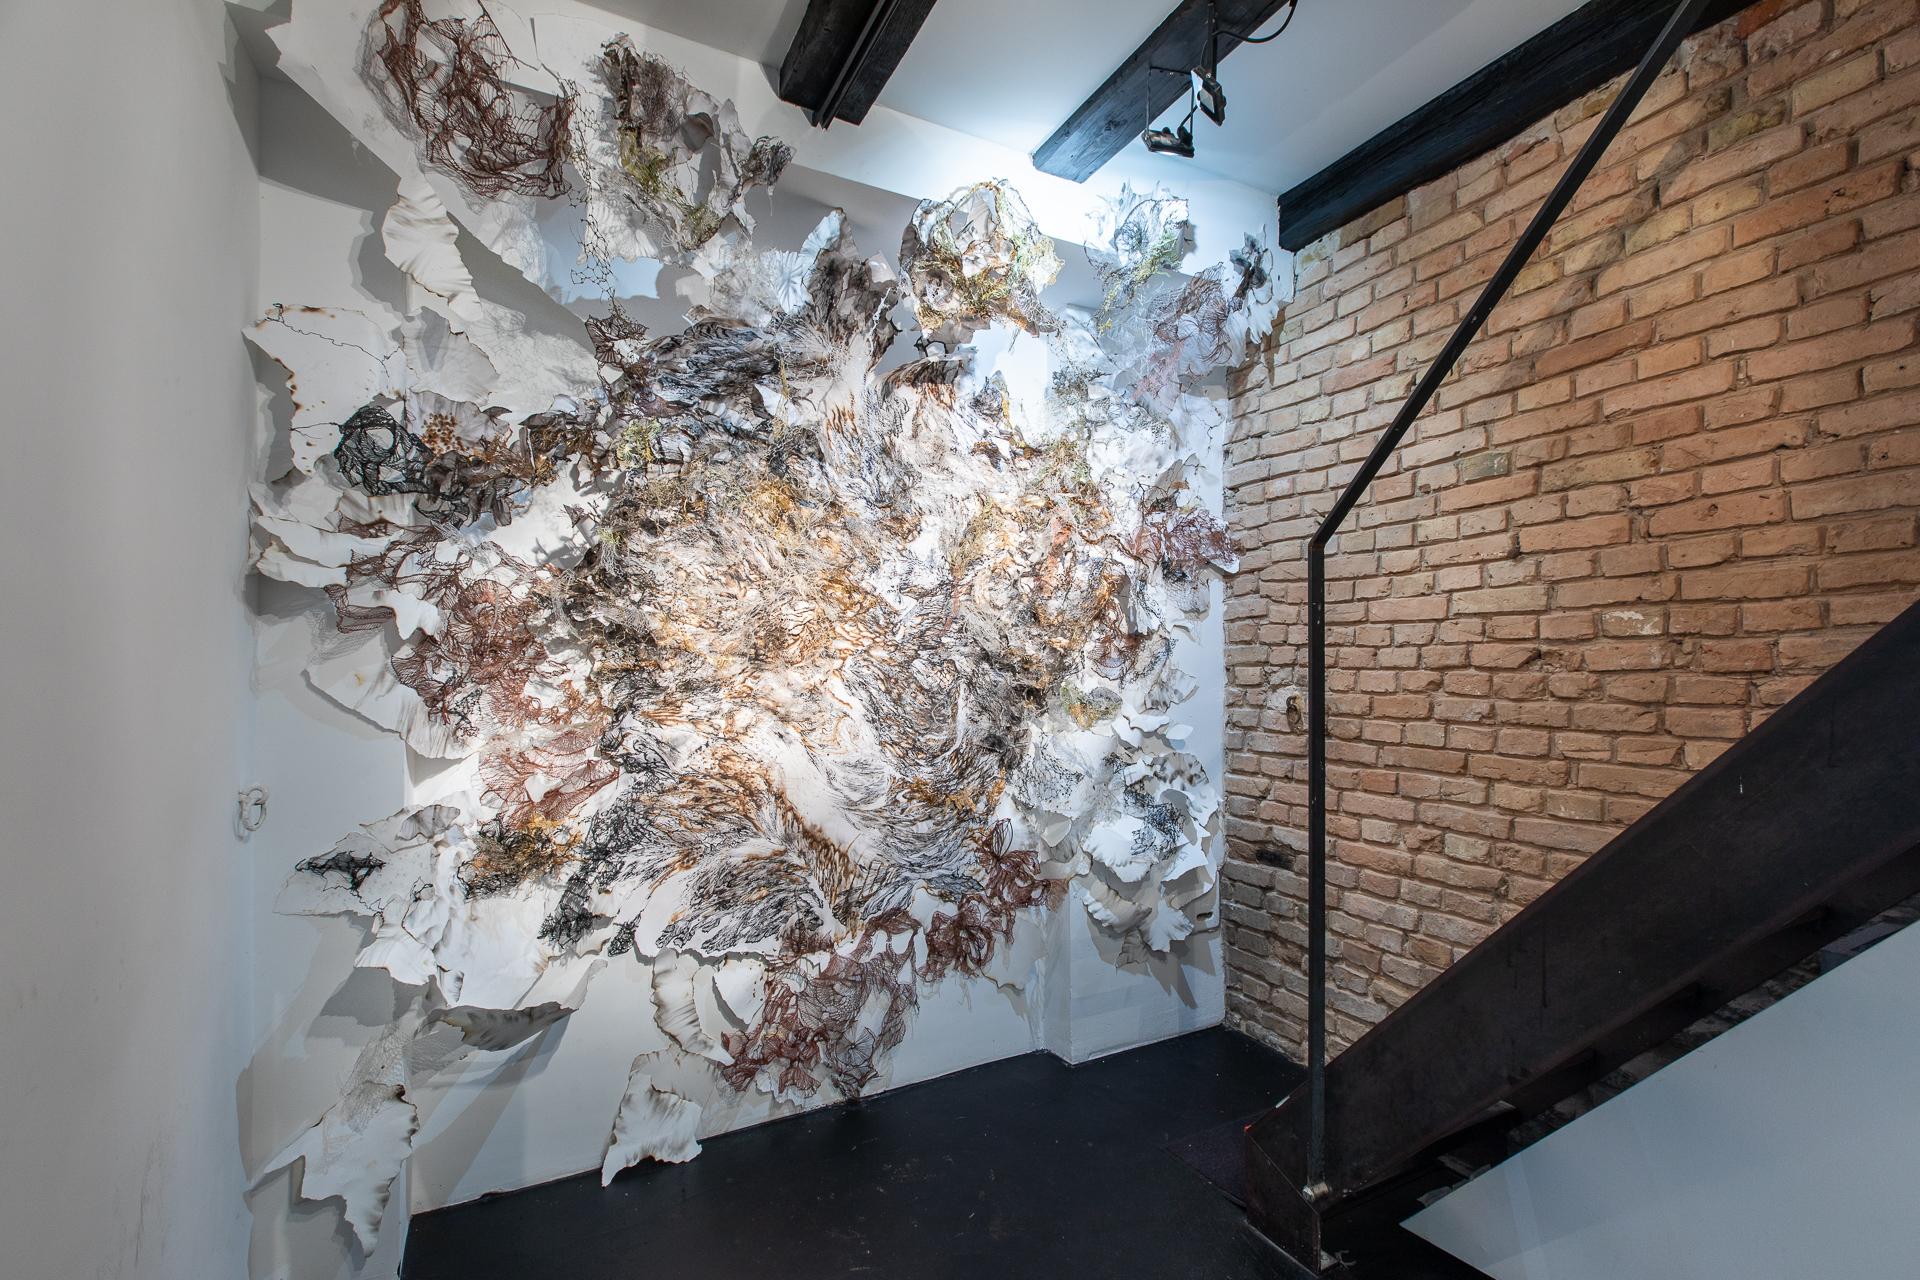 exhibition view / Foto by: Janosch Weiss / ©KWADRAT & artist